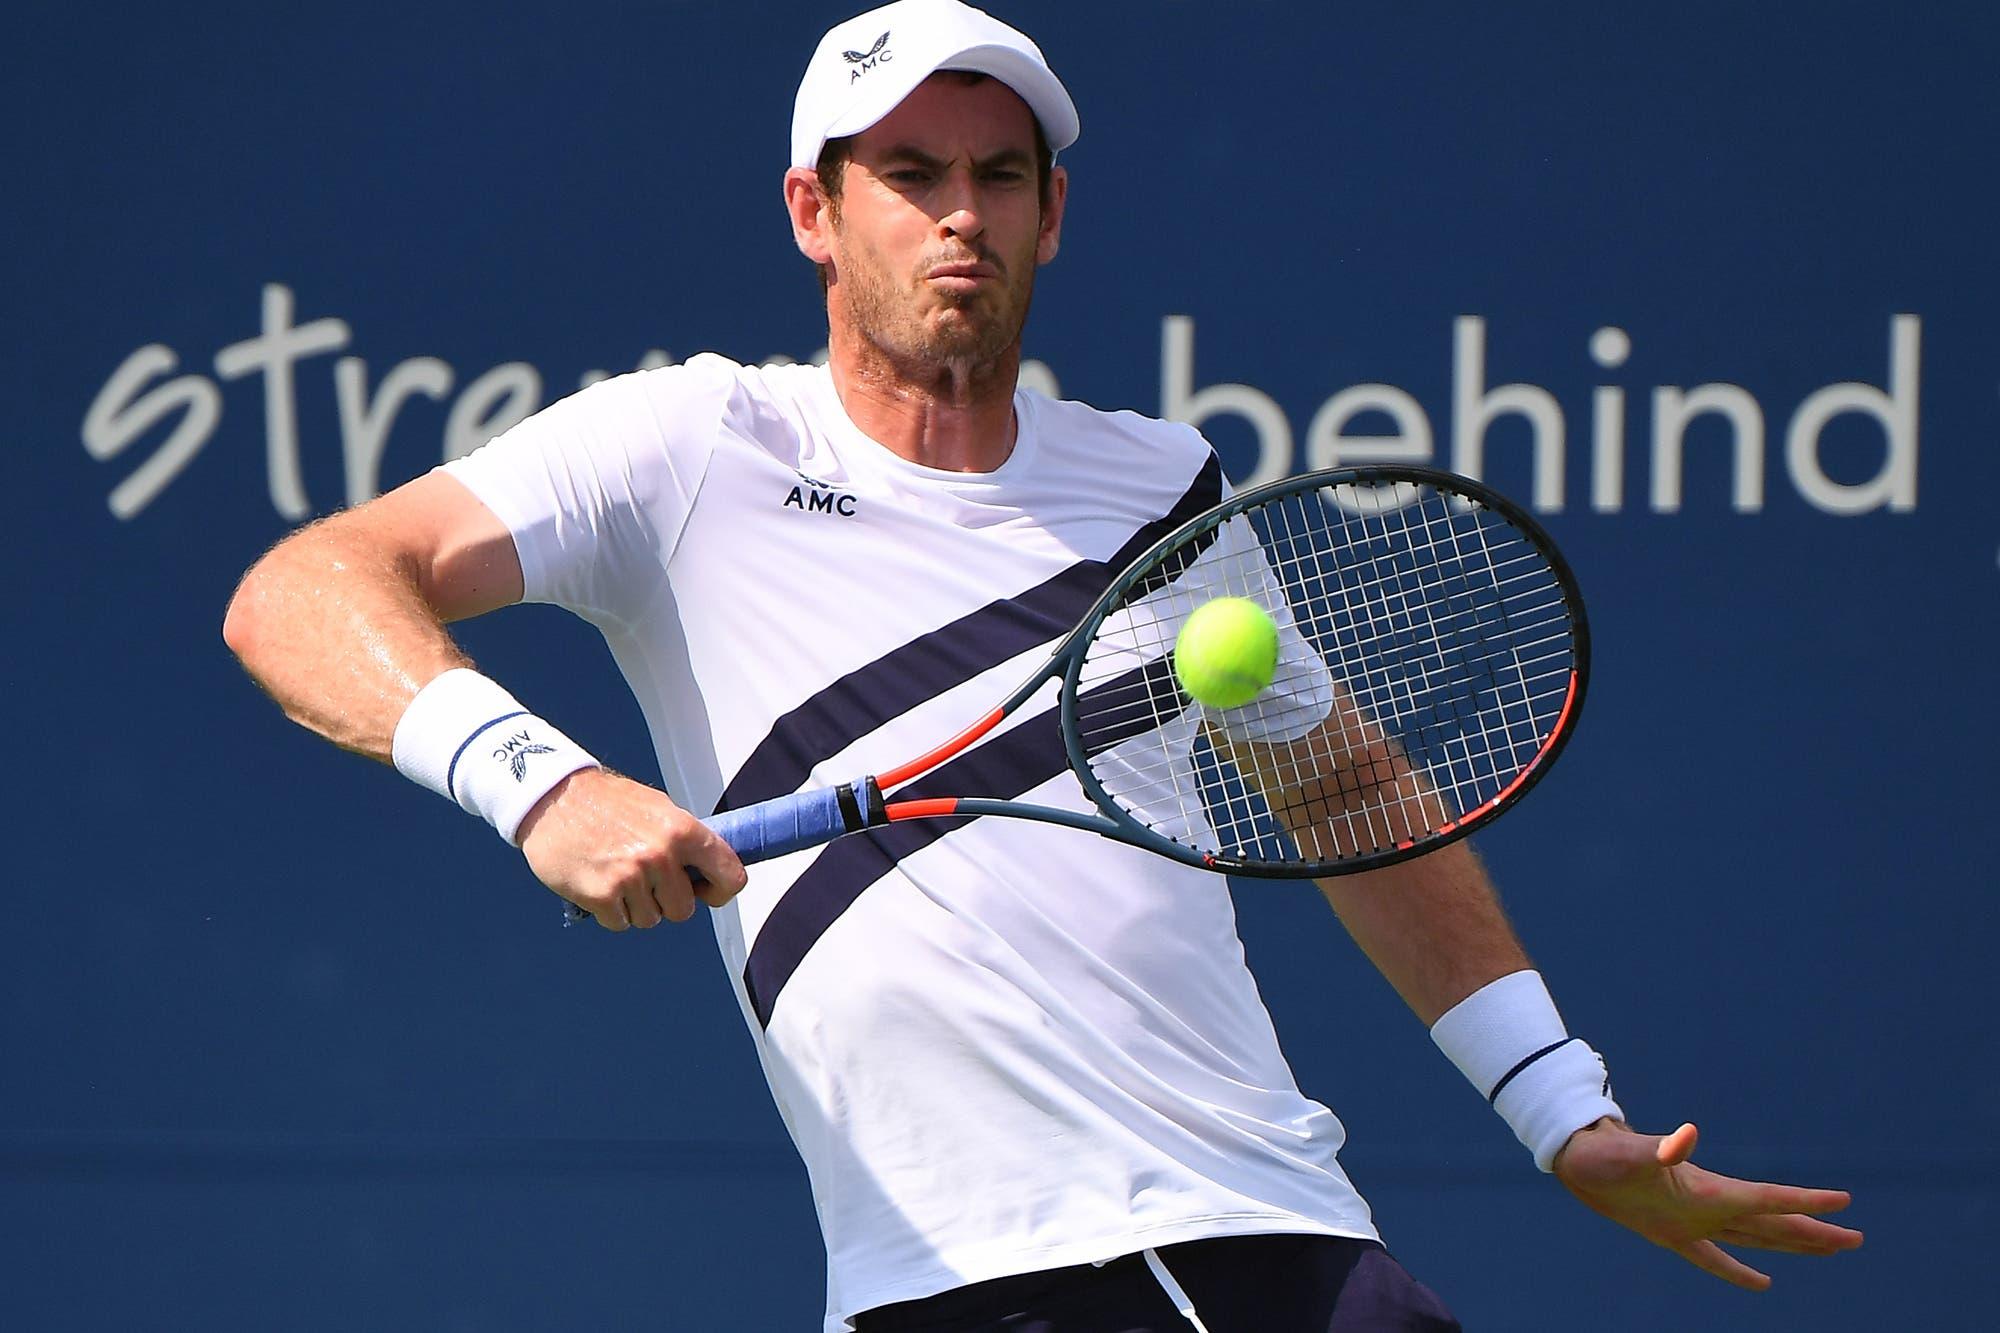 Masters 1000 de Cincinnati: el regreso triunfal de Andy Murray tras 10 meses y la defensa que Novak Djokovic hizo de Guido Pella